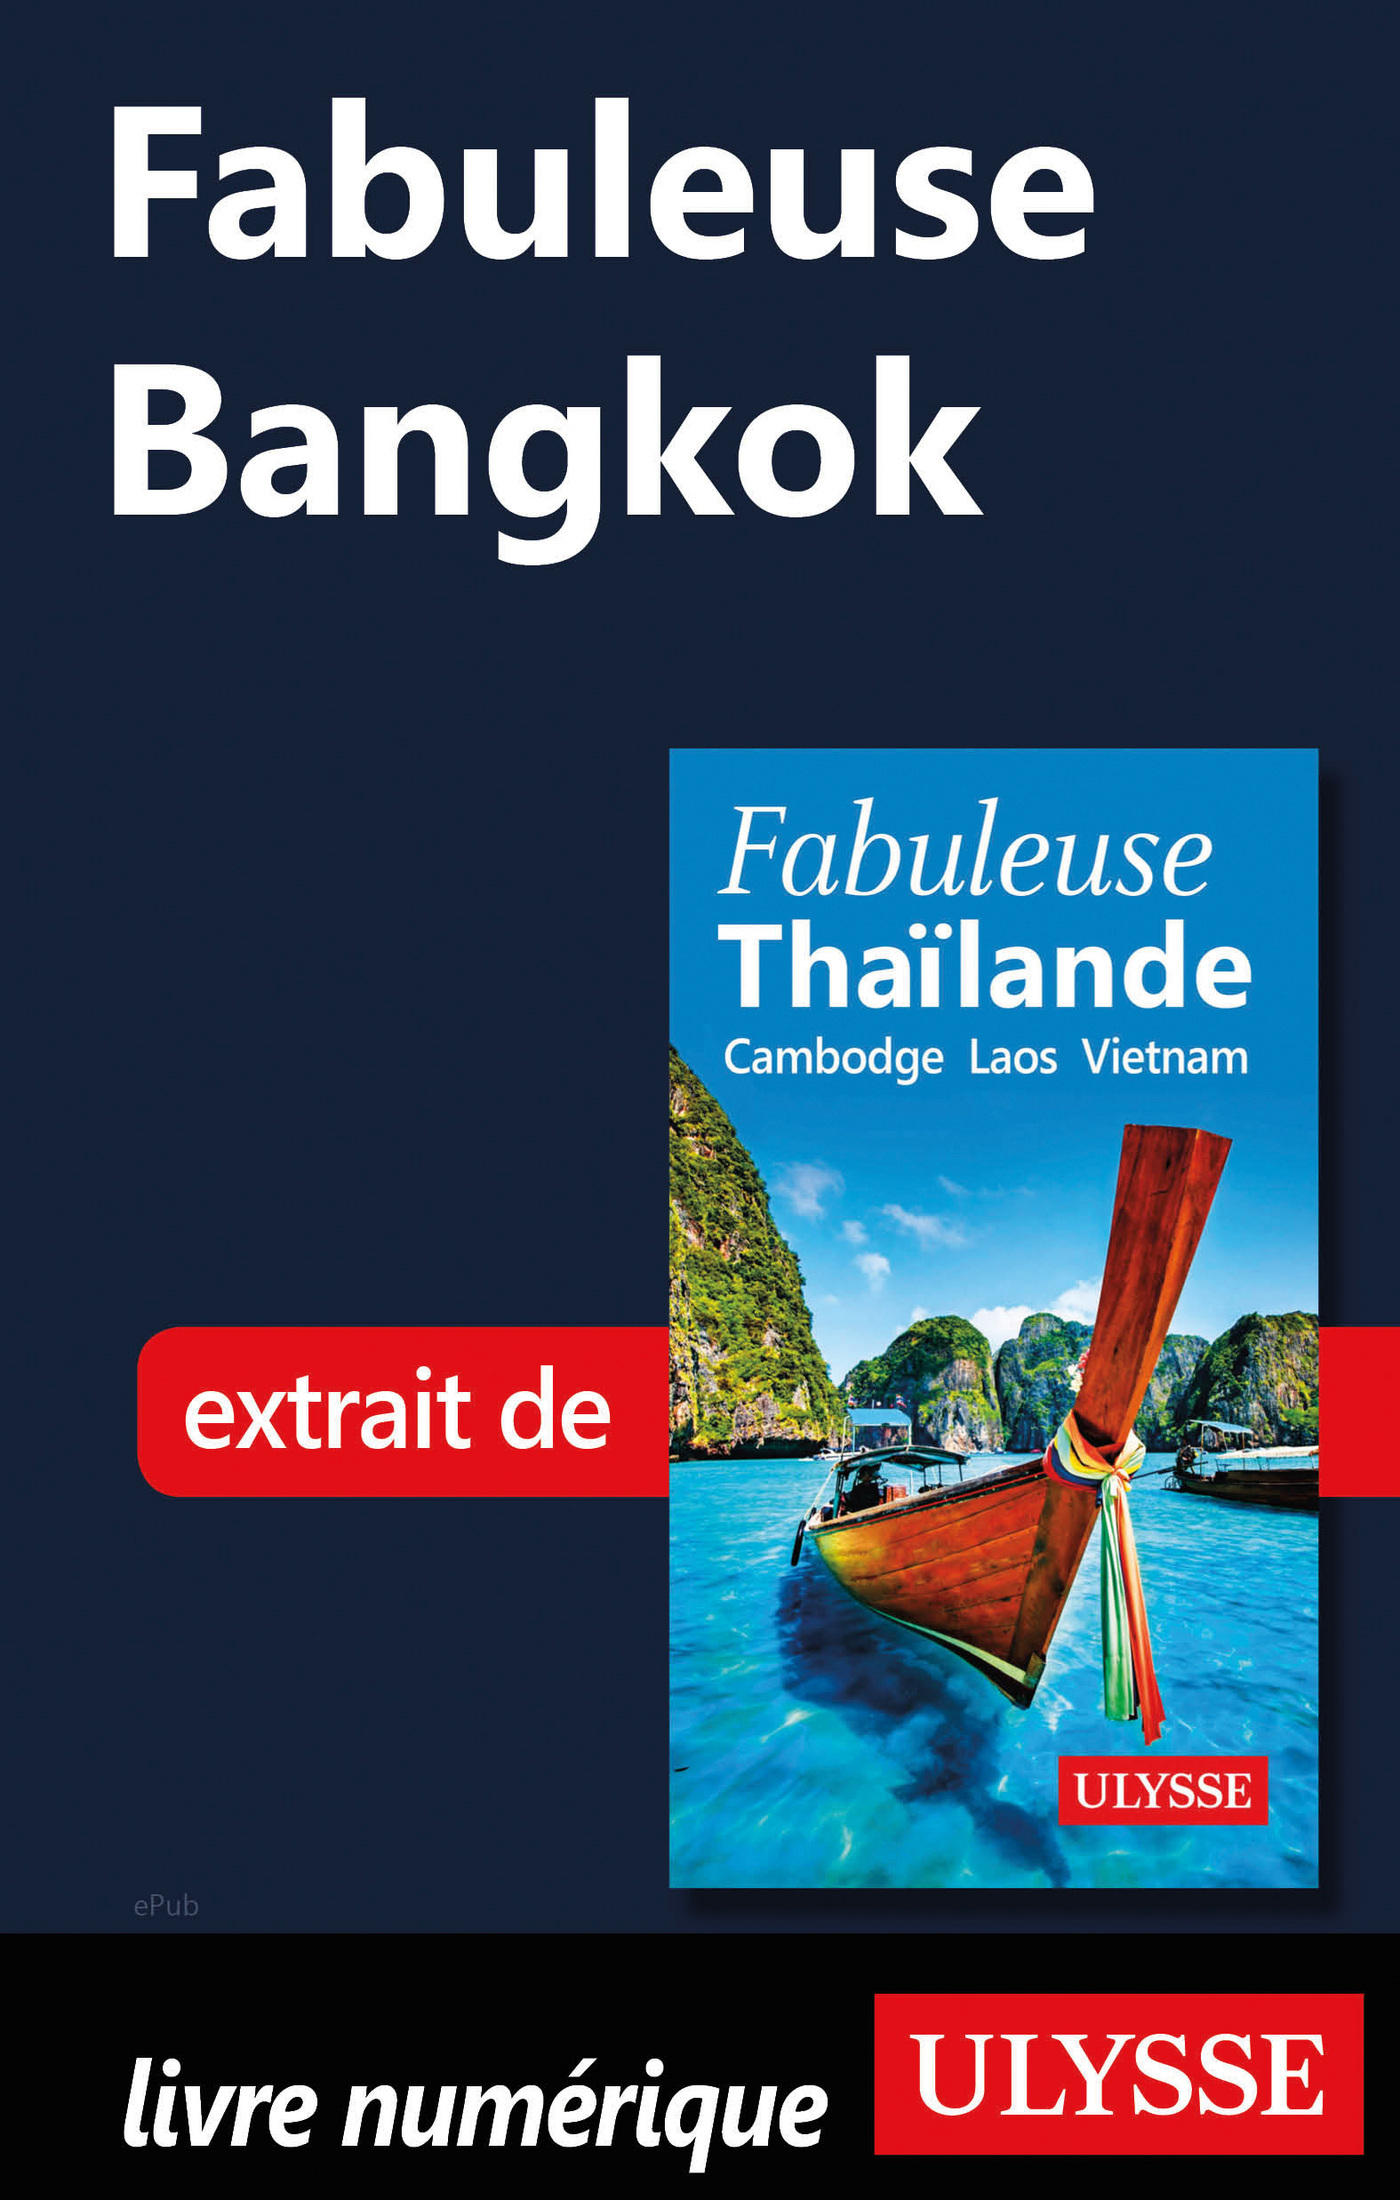 Fabuleuse Bangkok